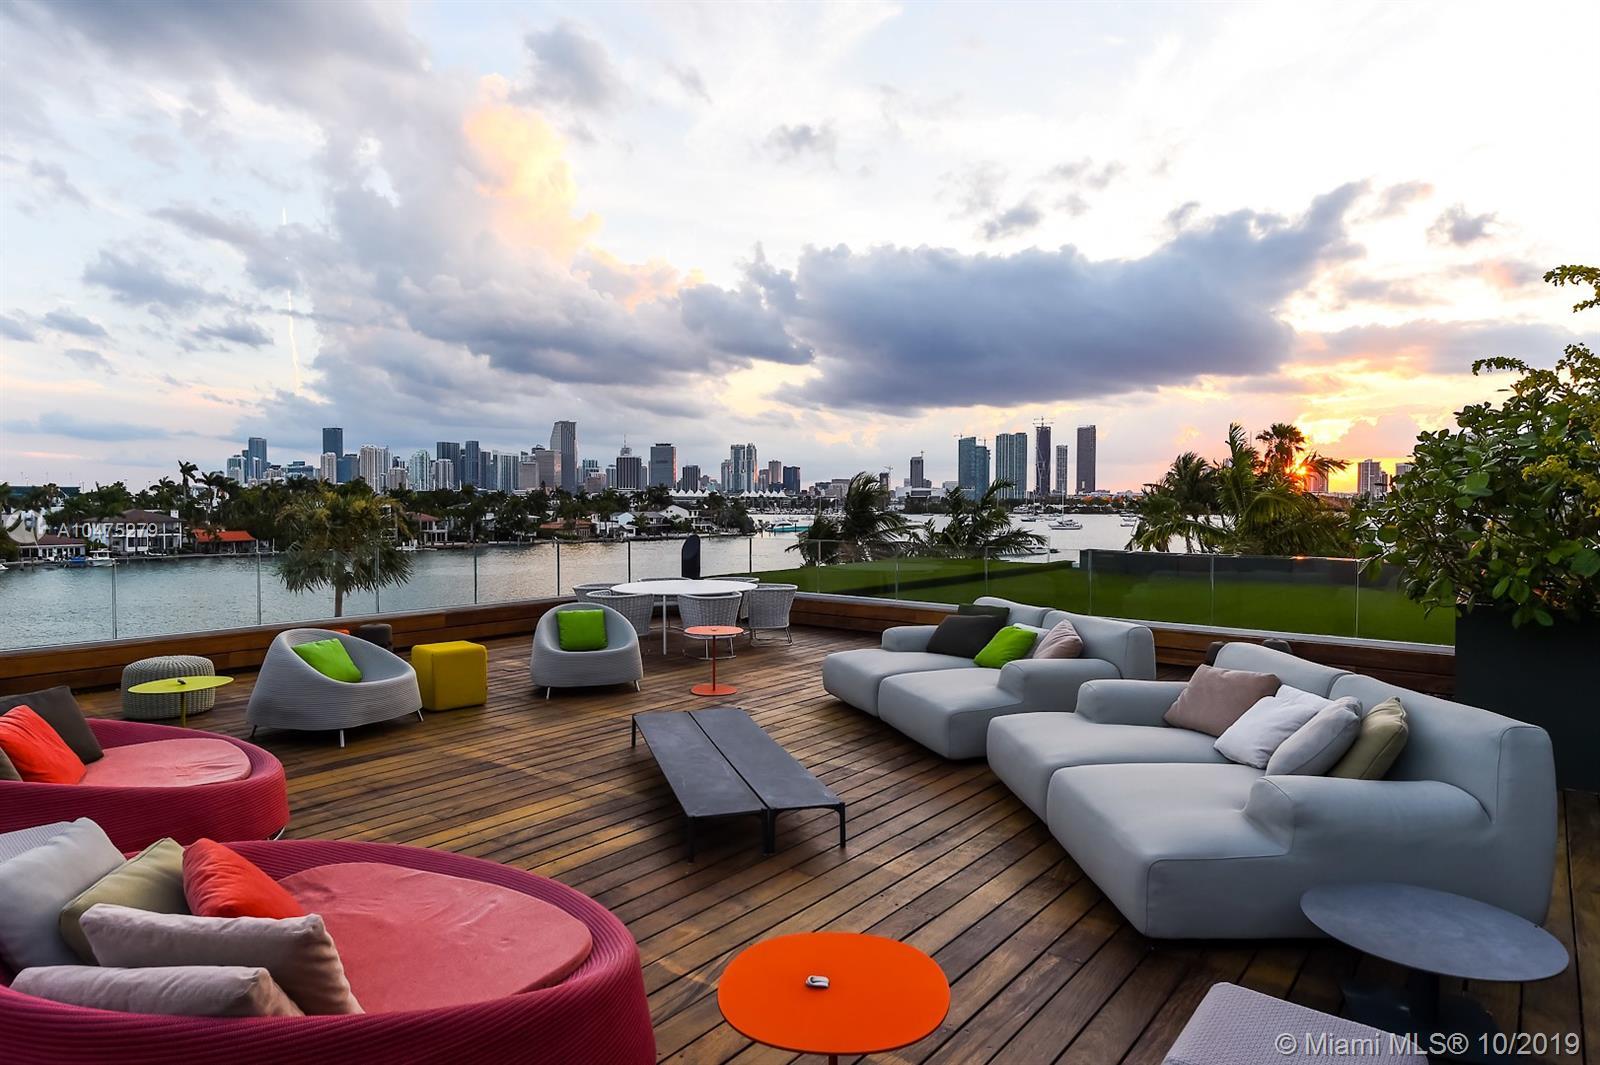 370 S Hibiscus Dr, Miami Beach FL 33139